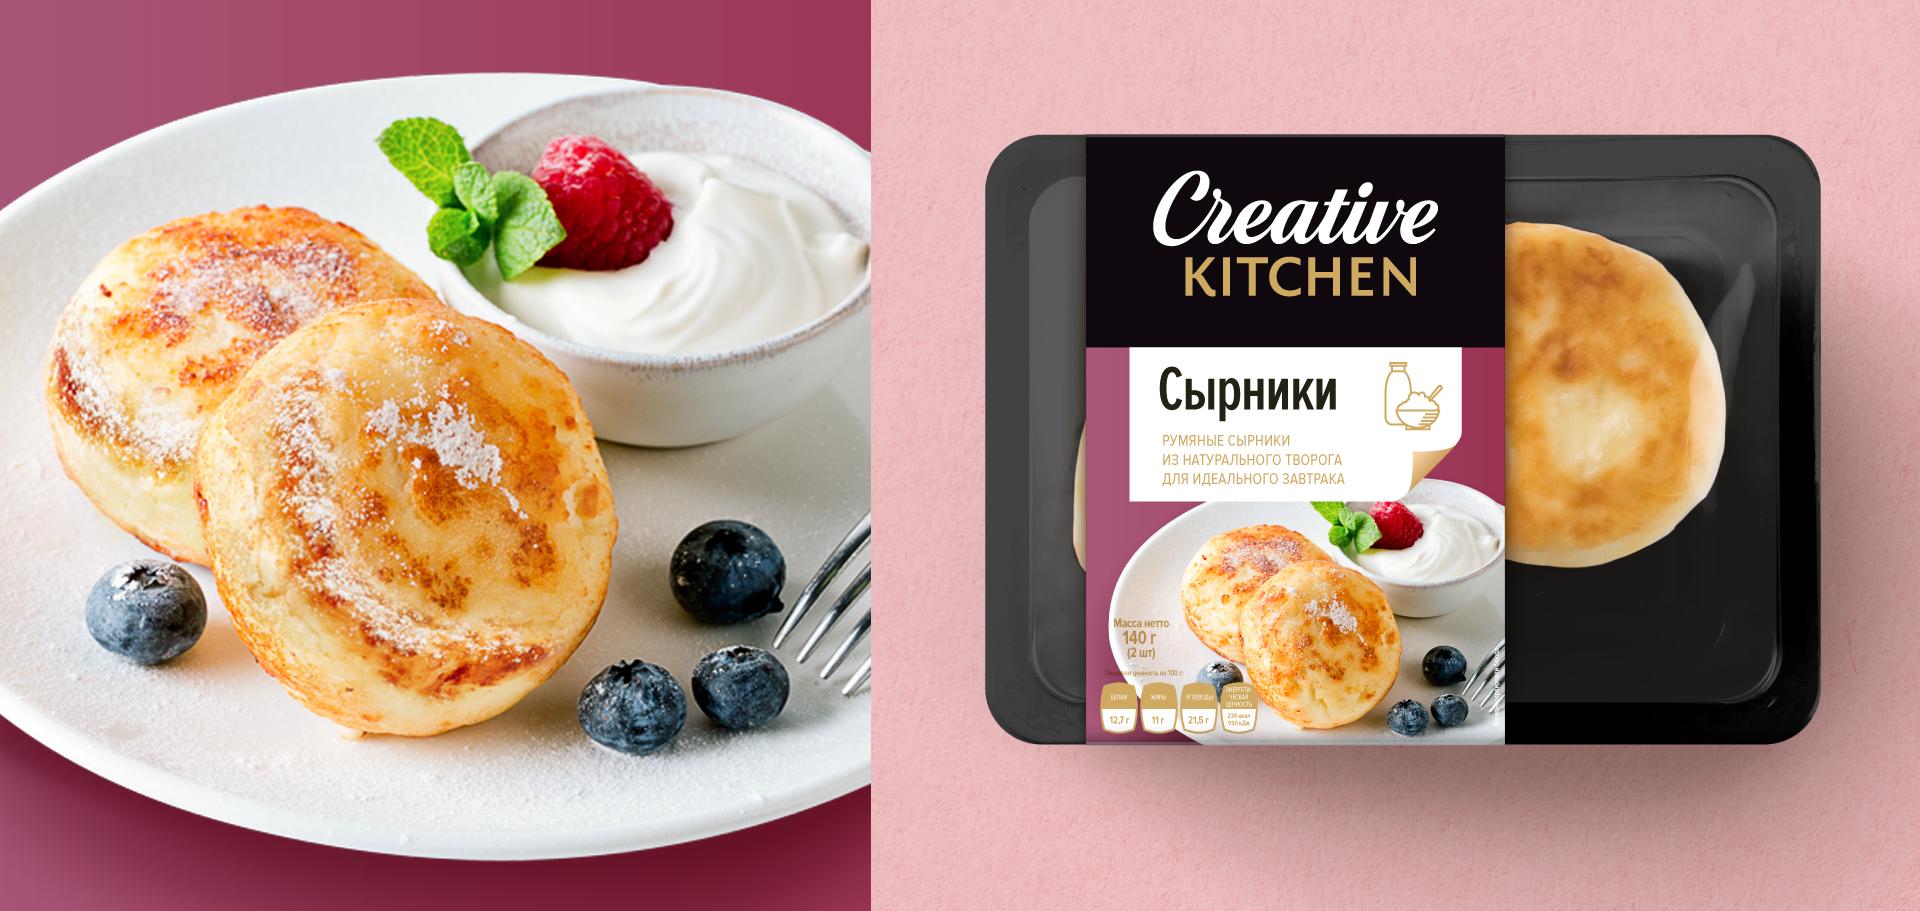 Профессиональный фудстайлинг в упаковке блюд «Creative Kitchen» раскрывает гастрономический вкус и свежесть продукта.